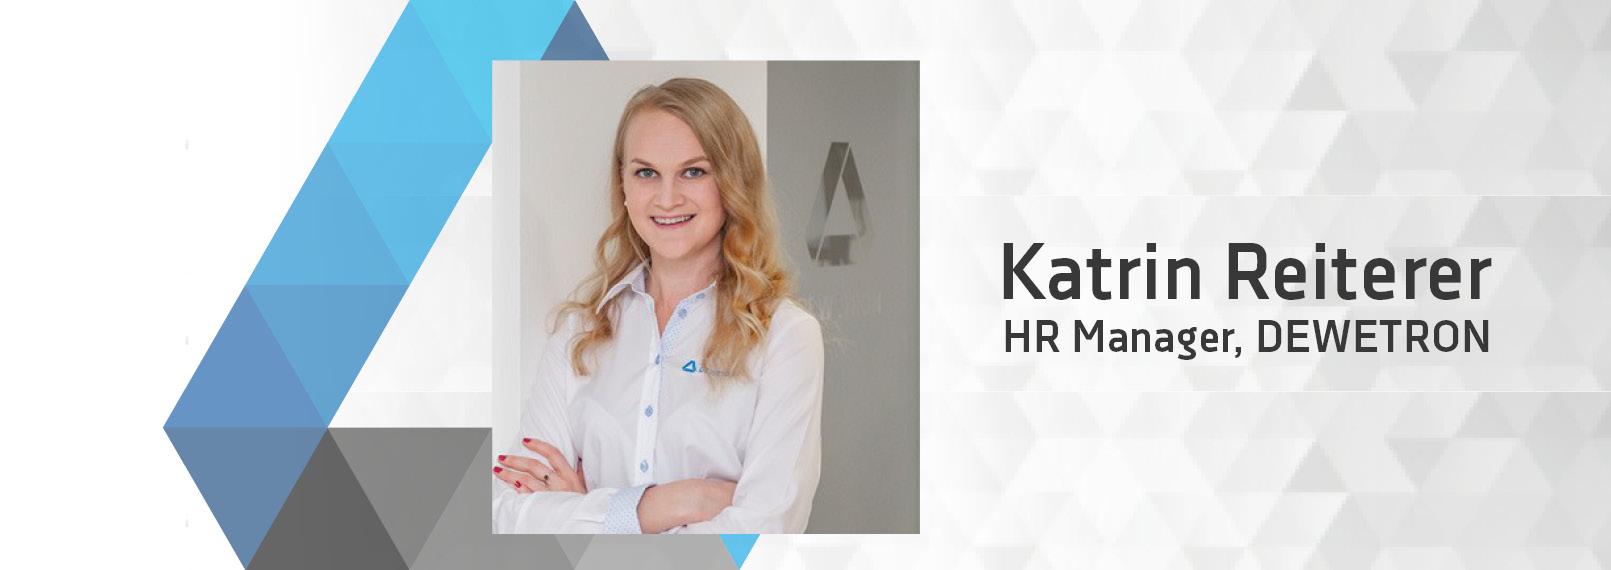 Katrin Reiterer Featuring